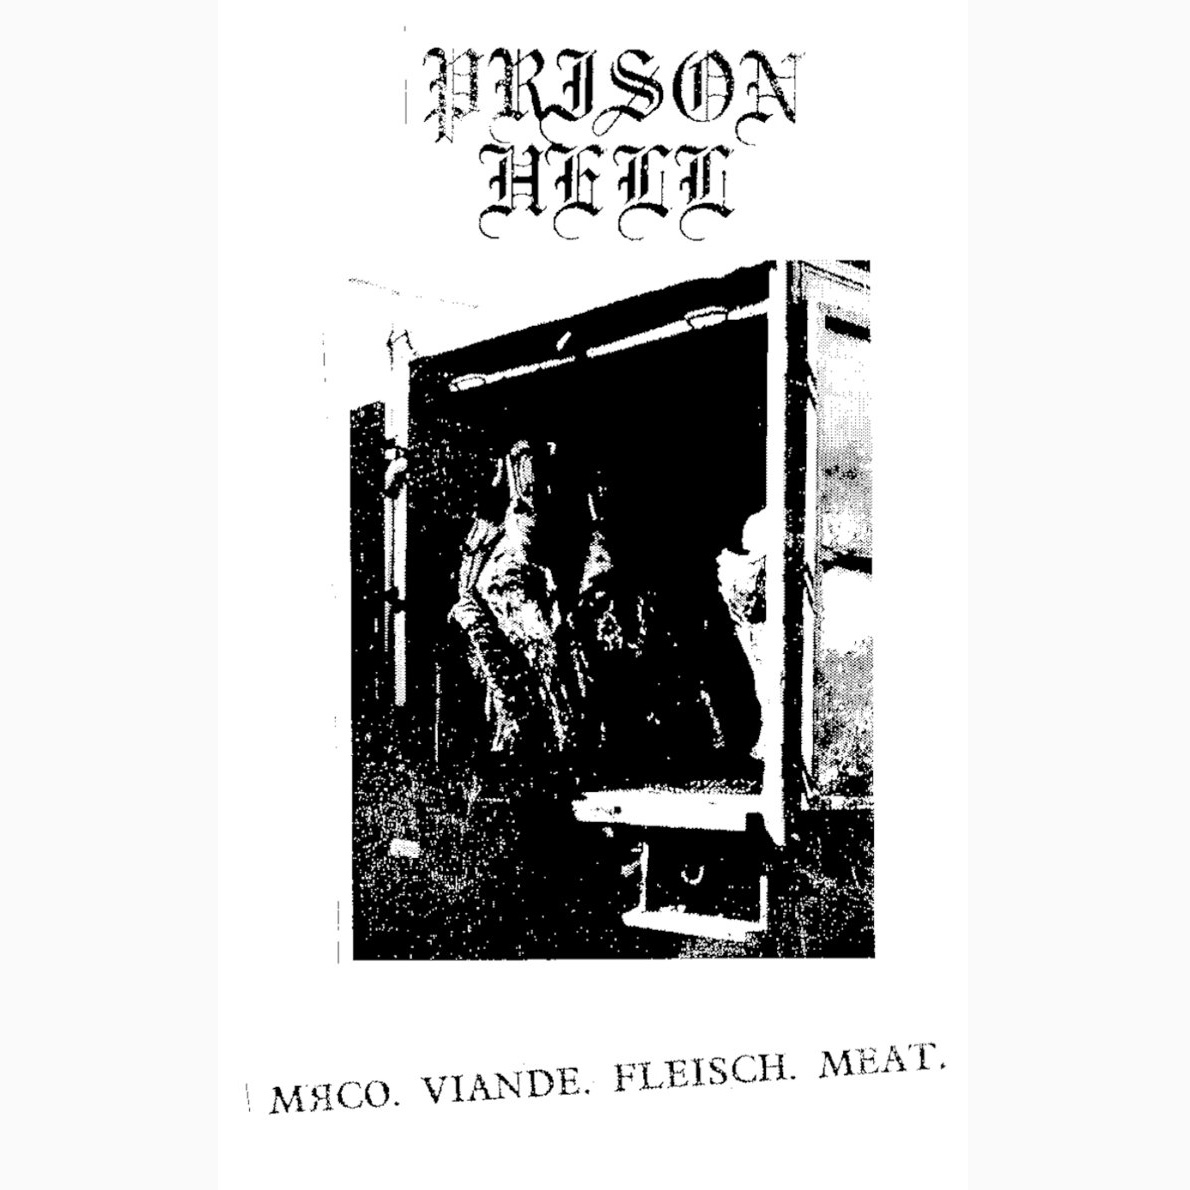 PRISON HELL - Мясо. Viande. Fleisch. Meat.